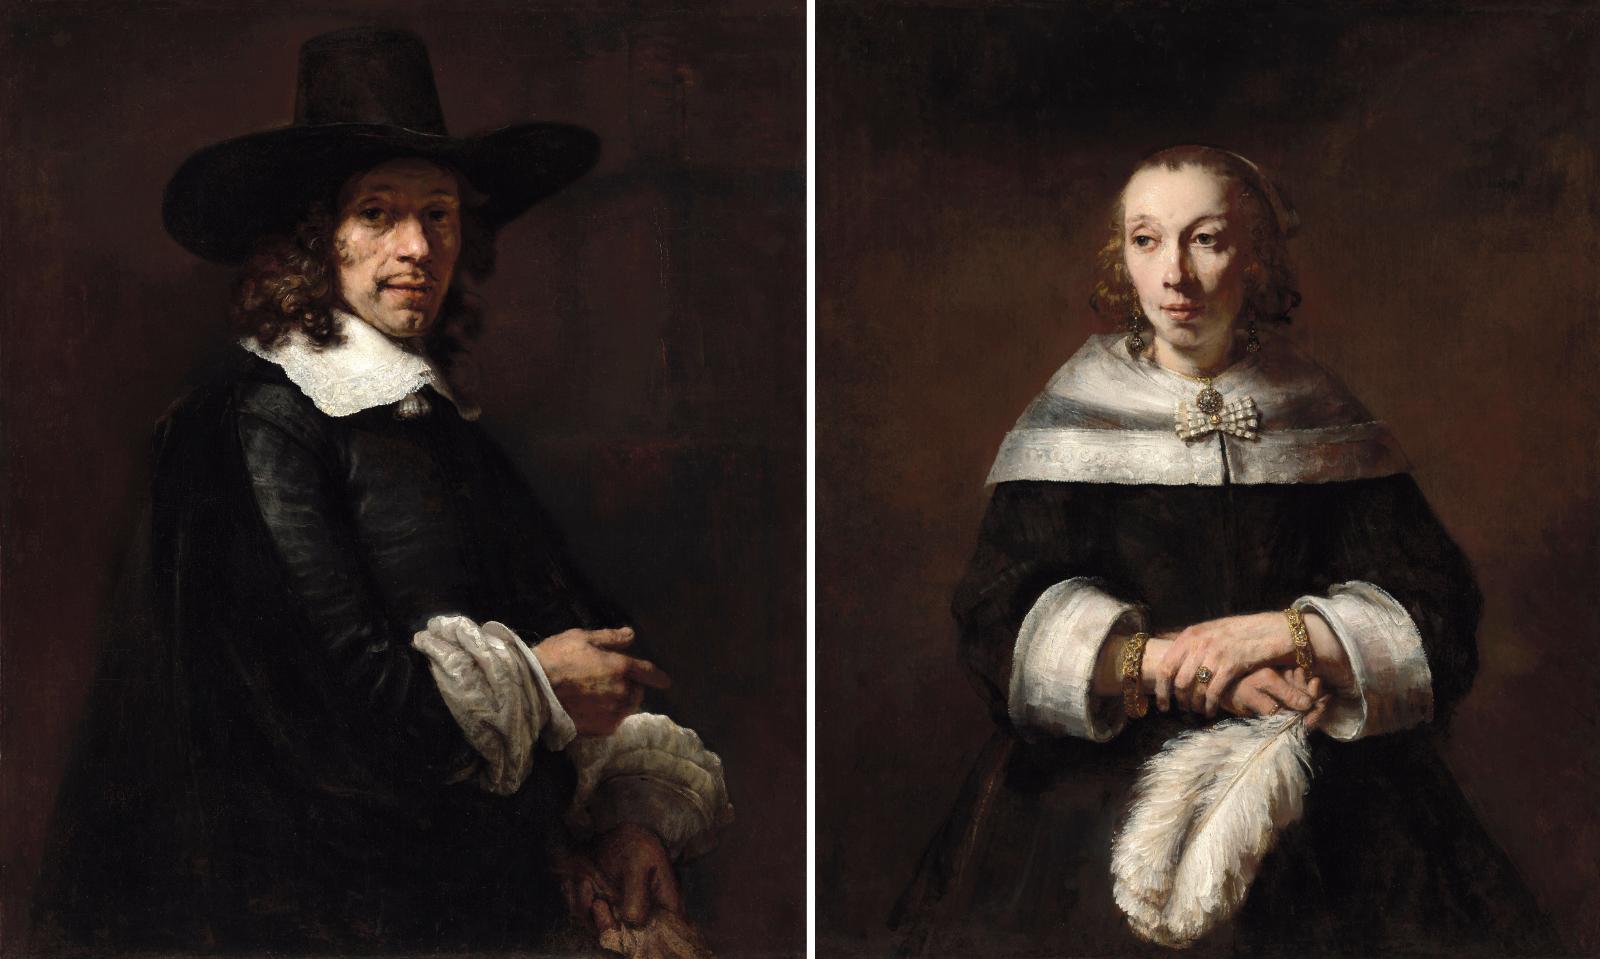 Rembrandt, Portraits d'un homme et de son épouse, vers 1656-1658, National Gallery de Washington. À l'origine dans les collections des pri